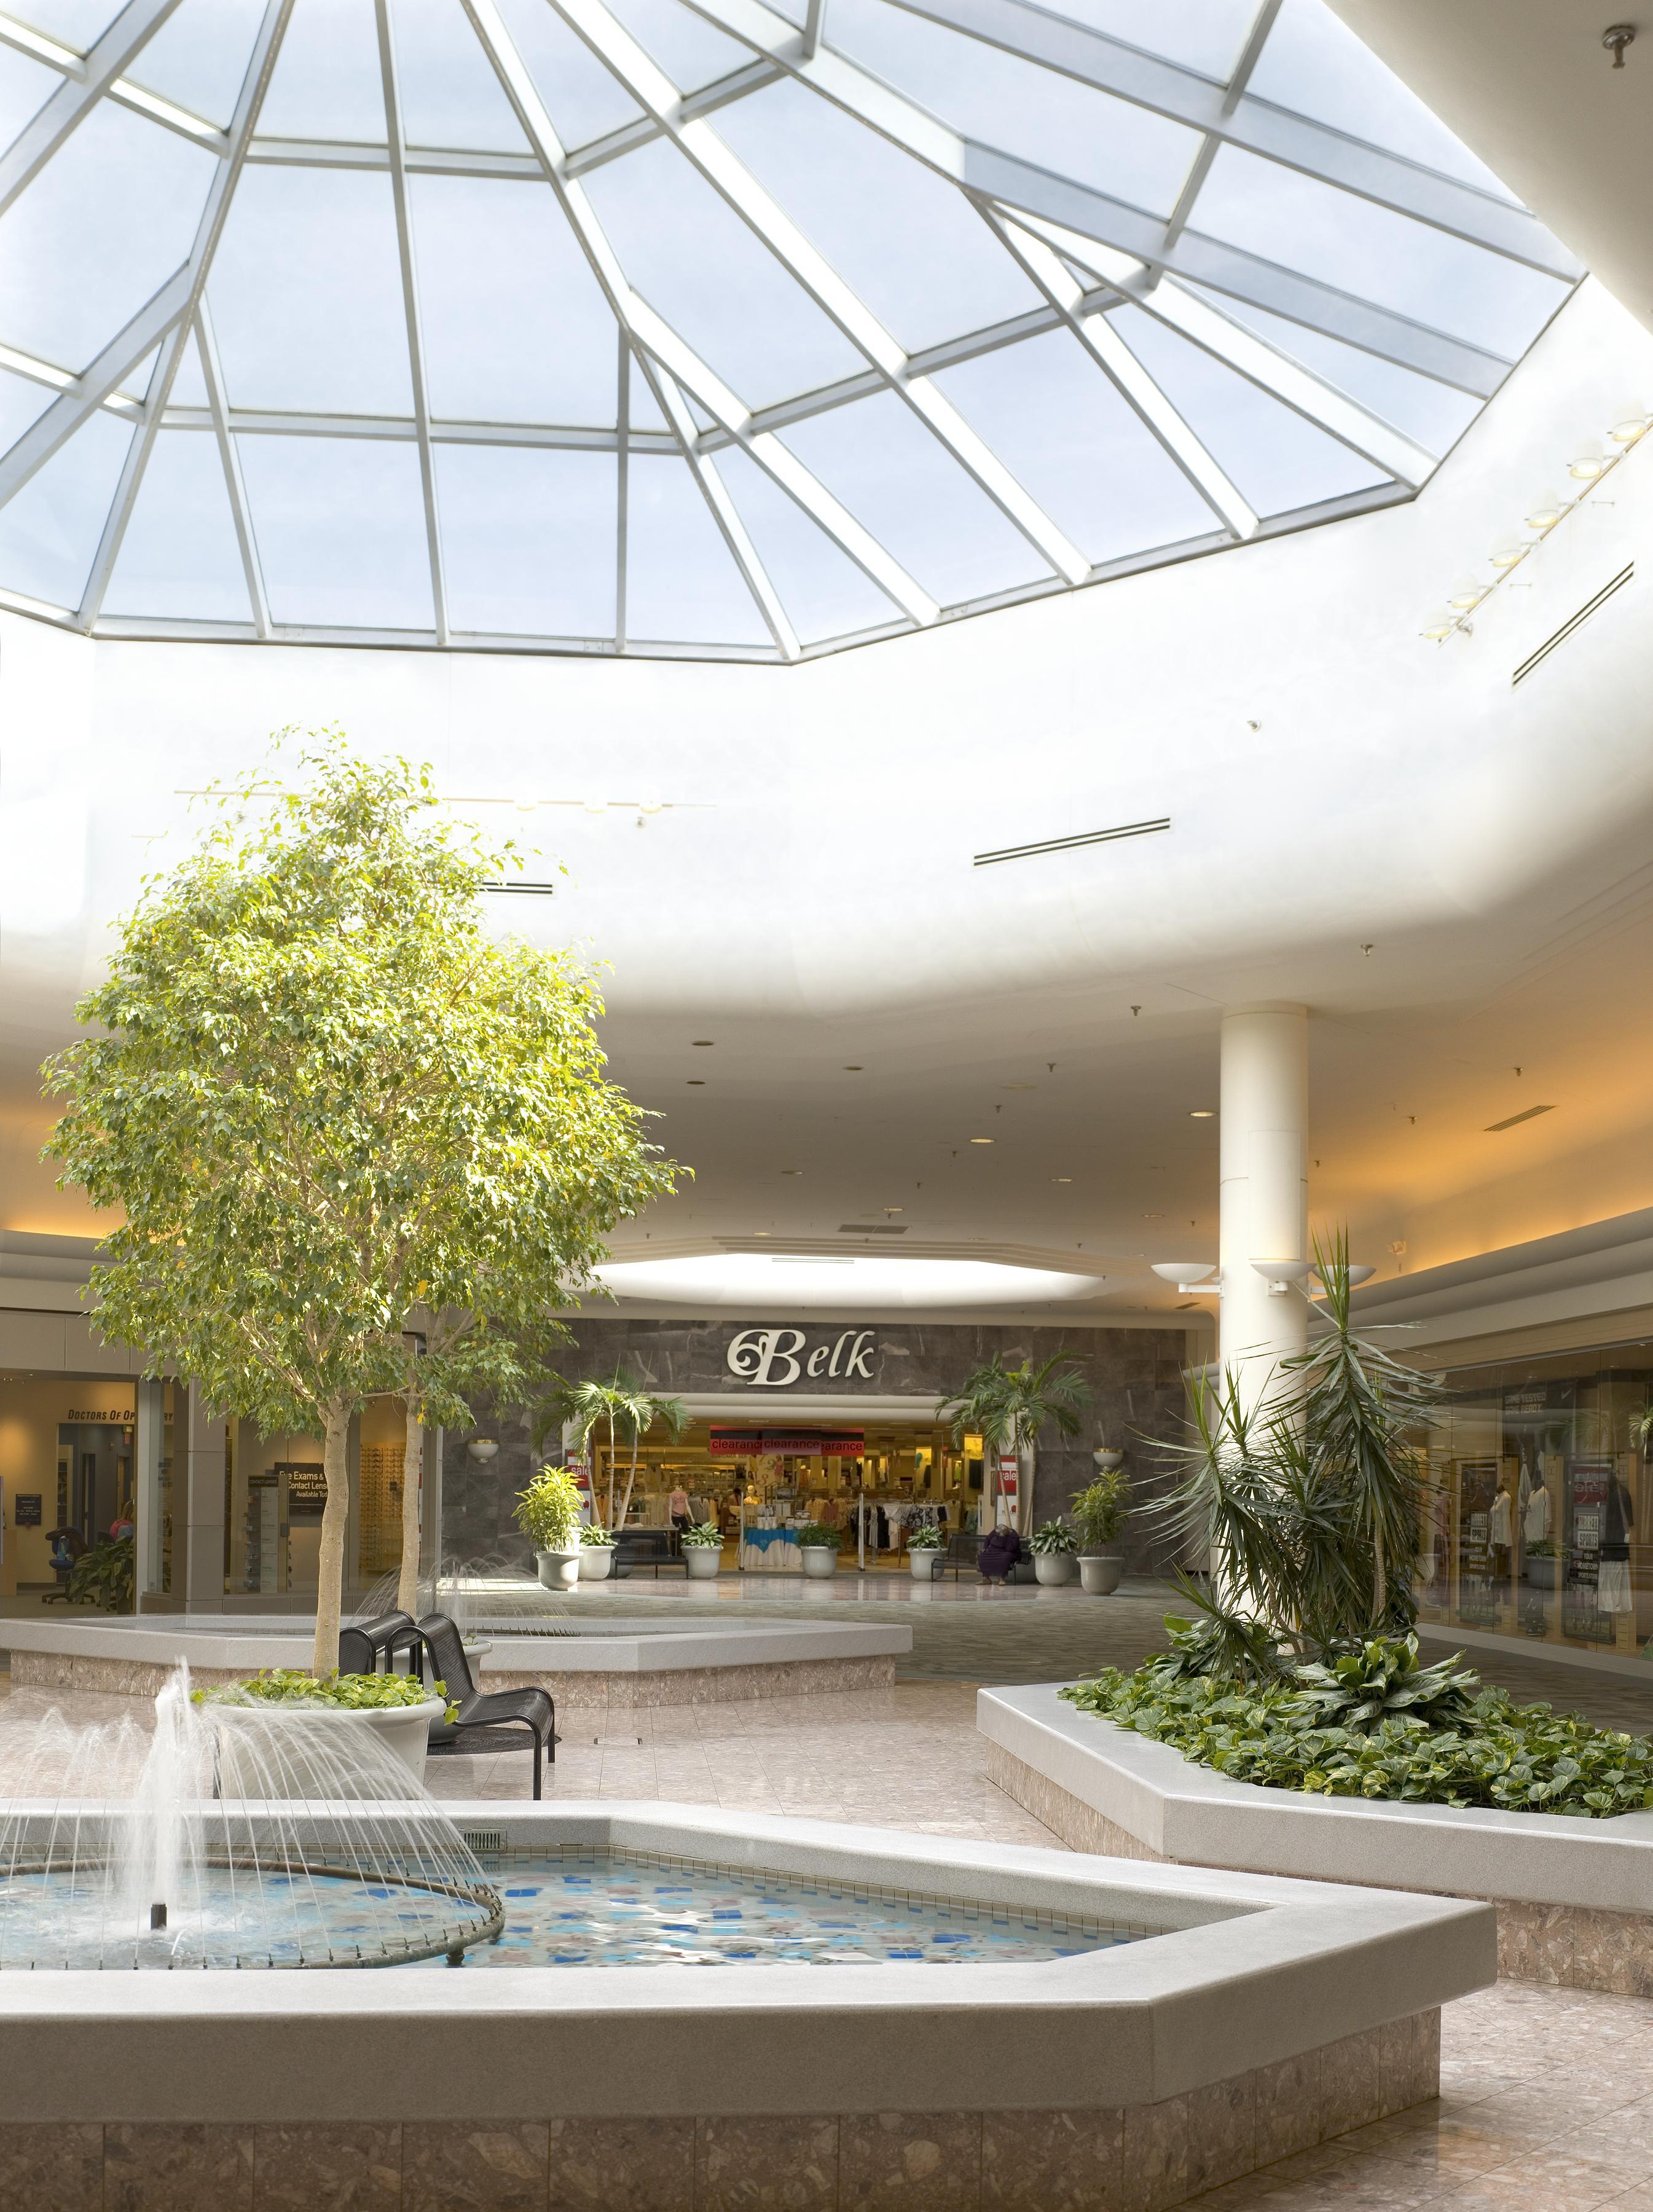 Albany Mall